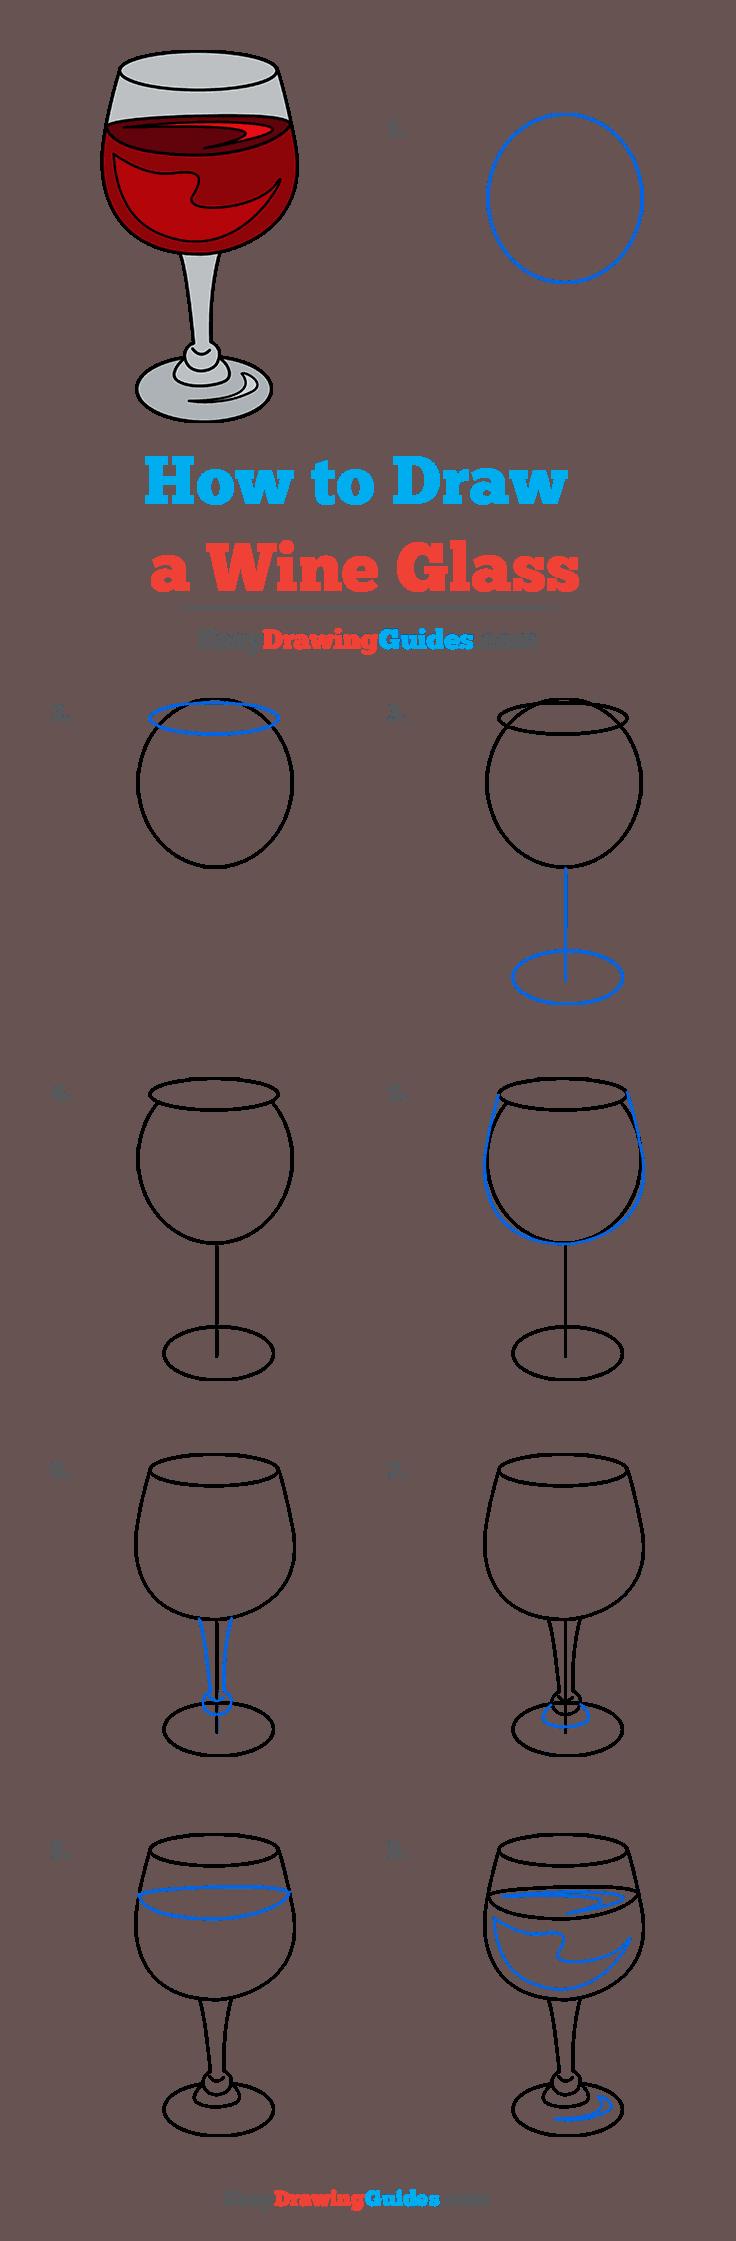 How to Draw Wine Glass